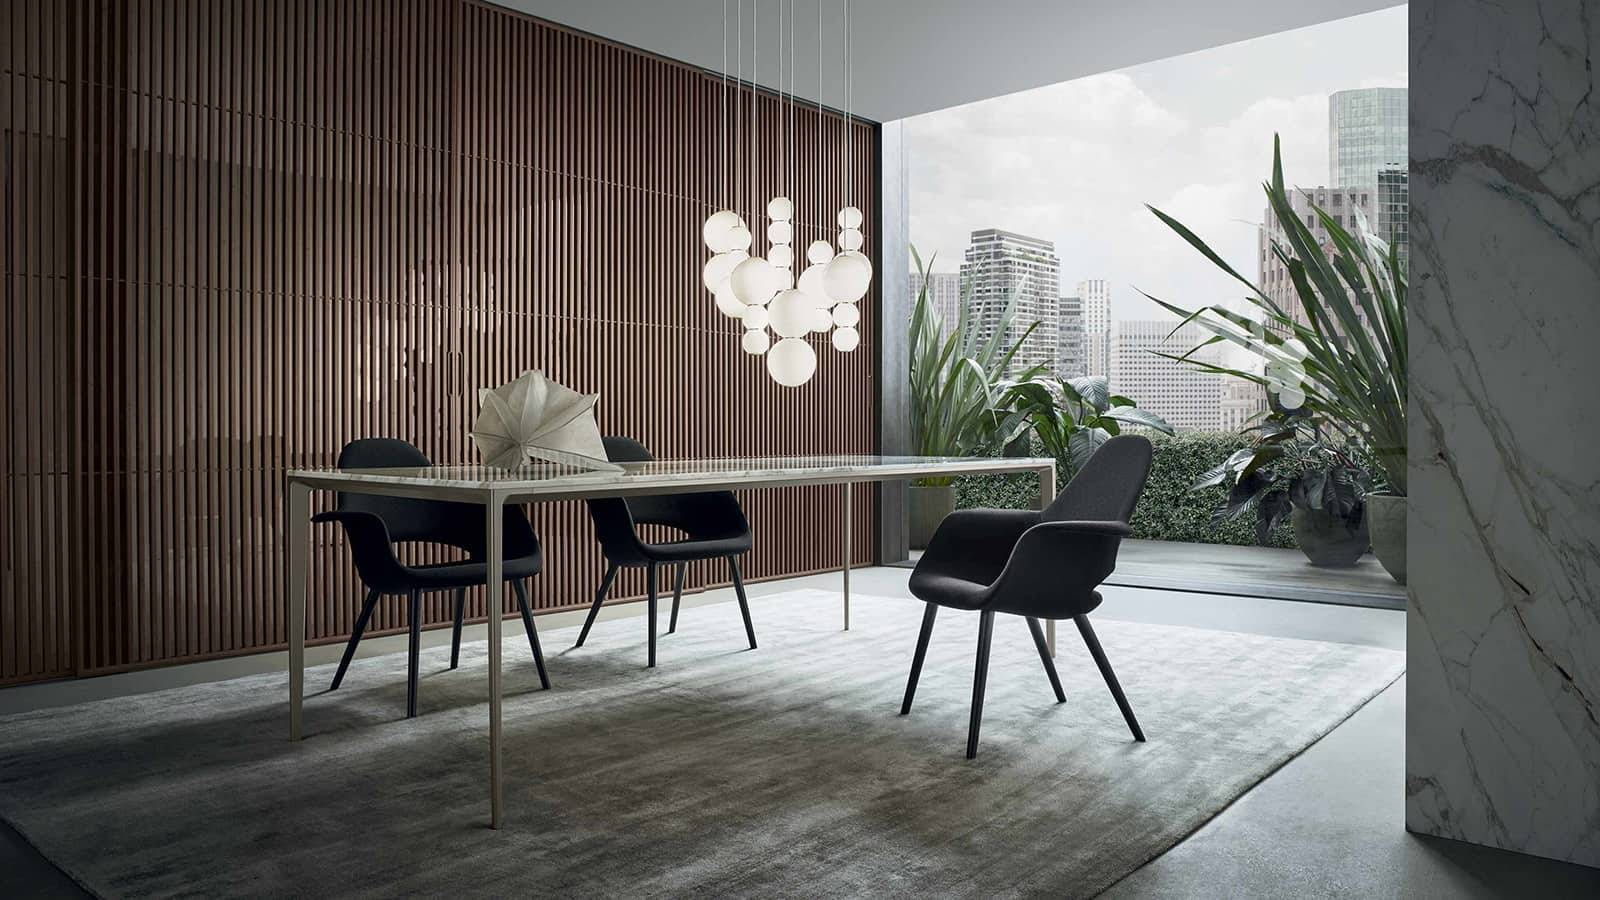 luxe rechthoekige tafel in wit calacatta marmer met gelakt aluminium poten rimadesio